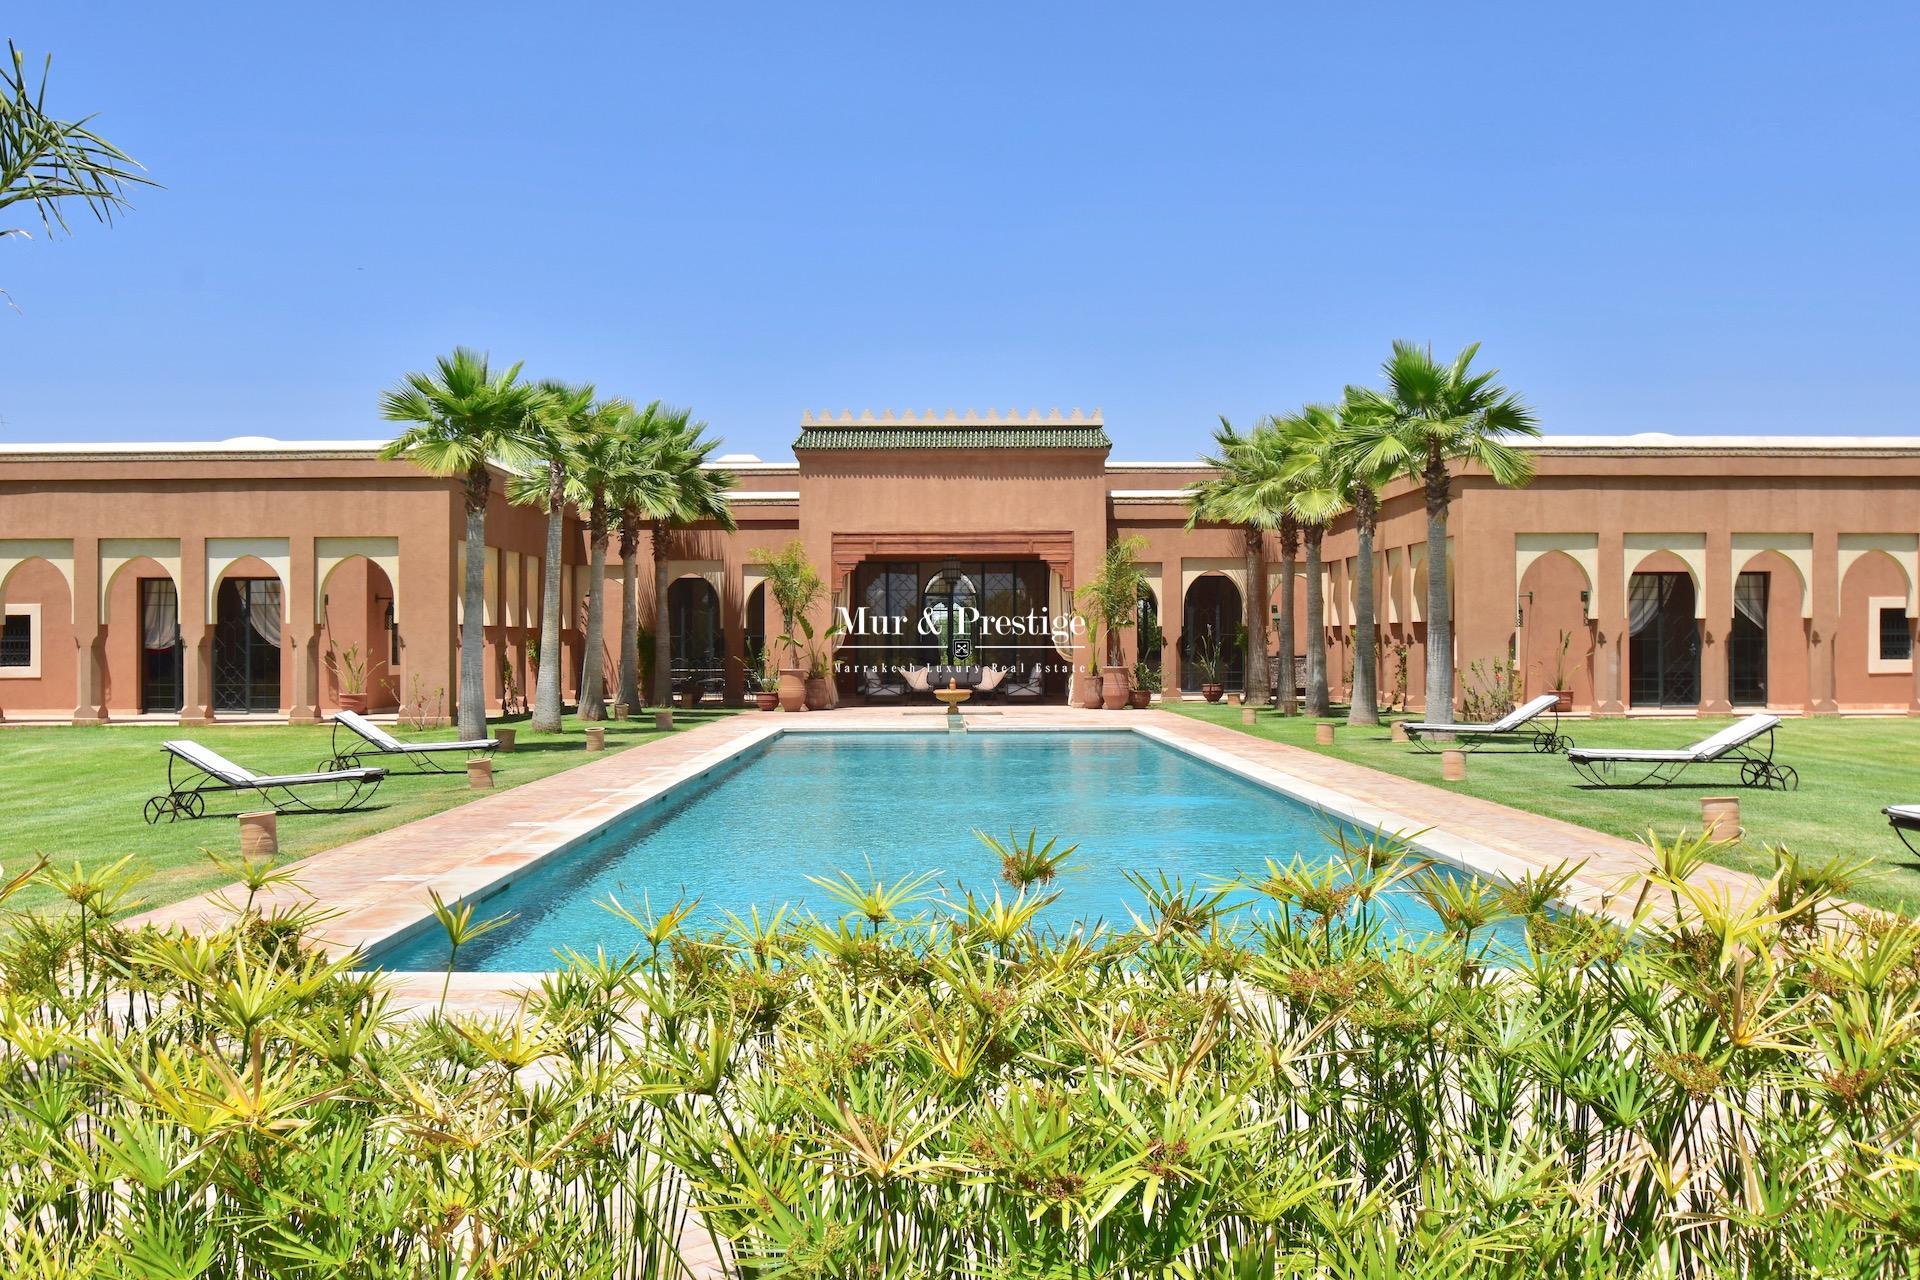 Villas à la vente à Marrakech,agence immobilière à Marrakech | Mur ...